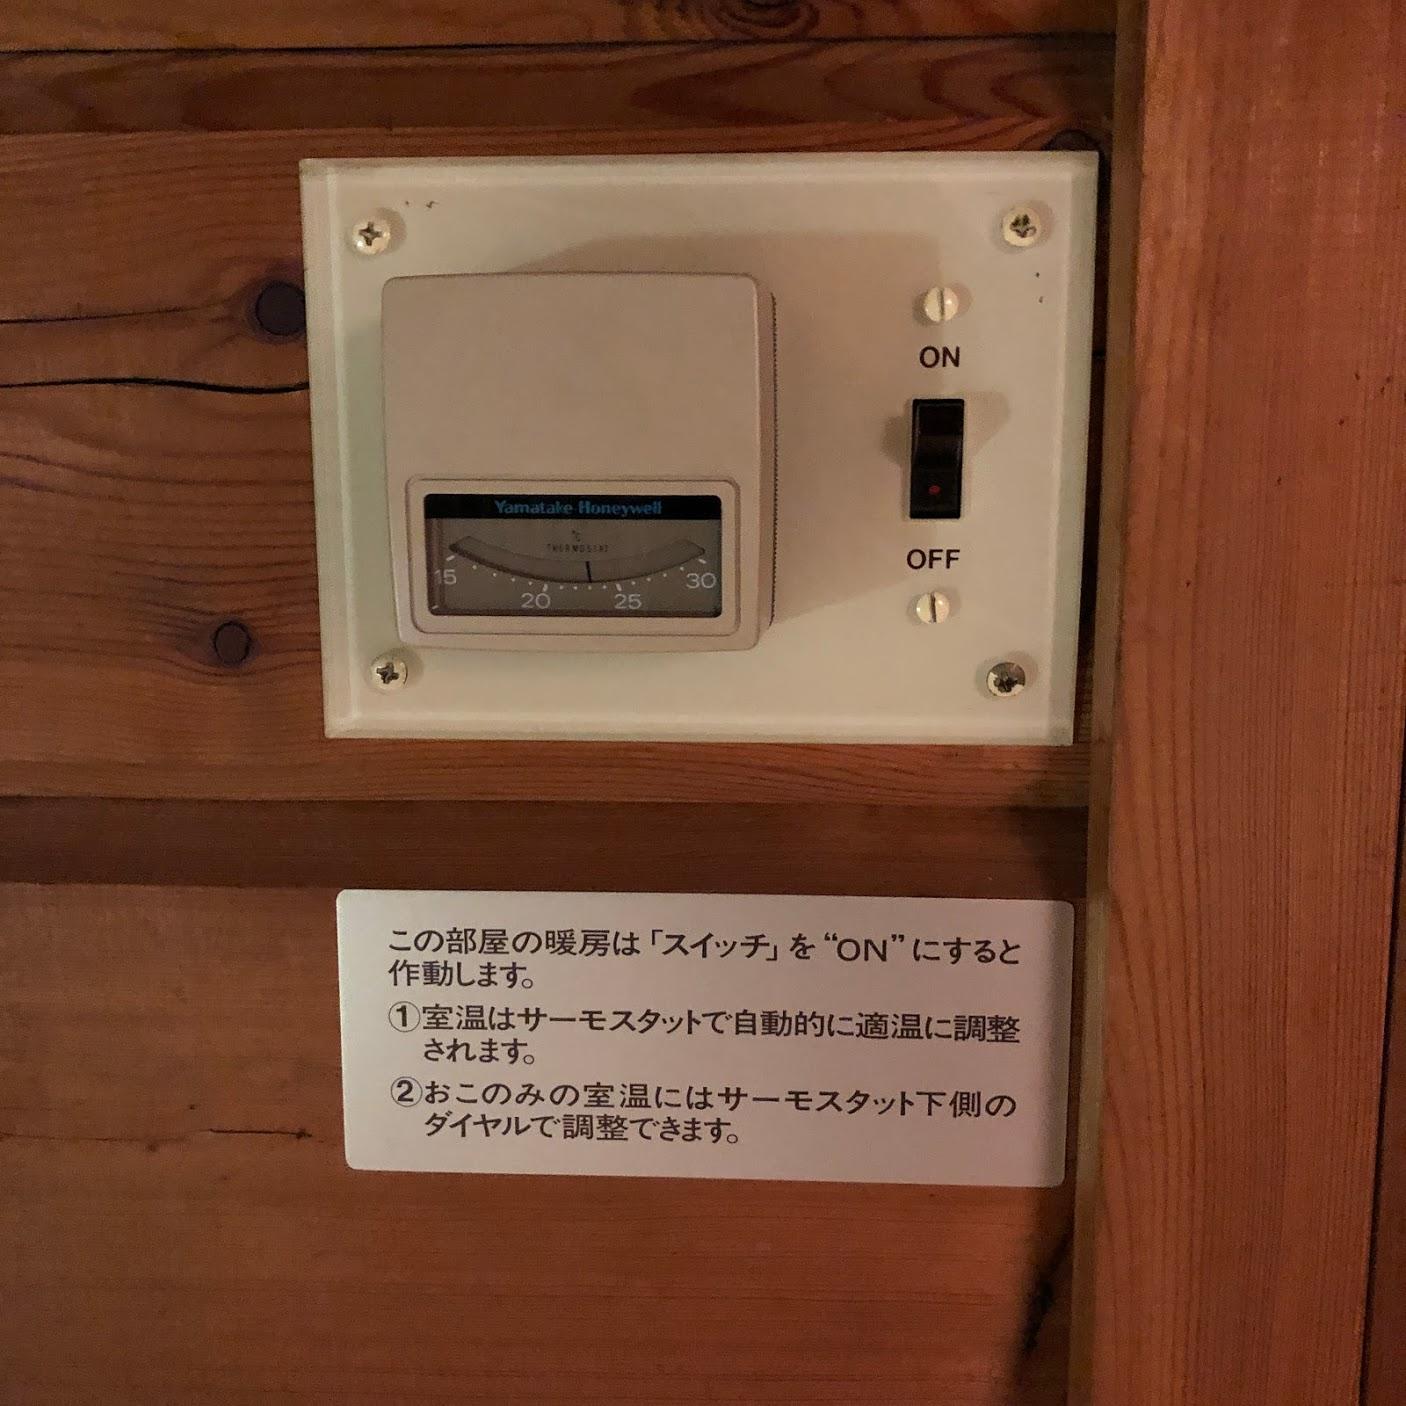 軽井沢プリンスホテル 寝室 空調